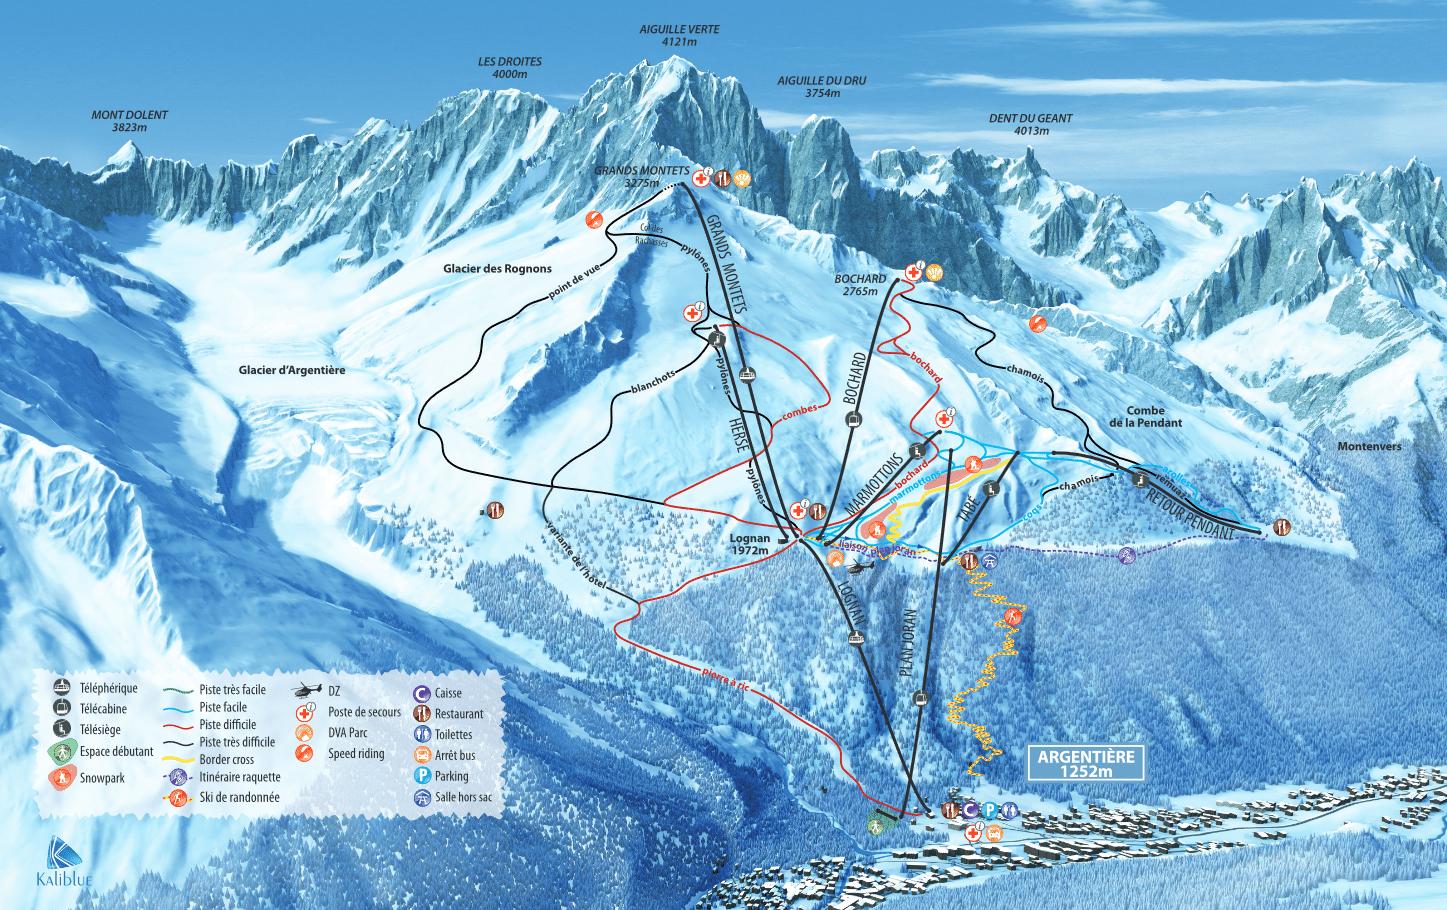 plan des pistes argentieres